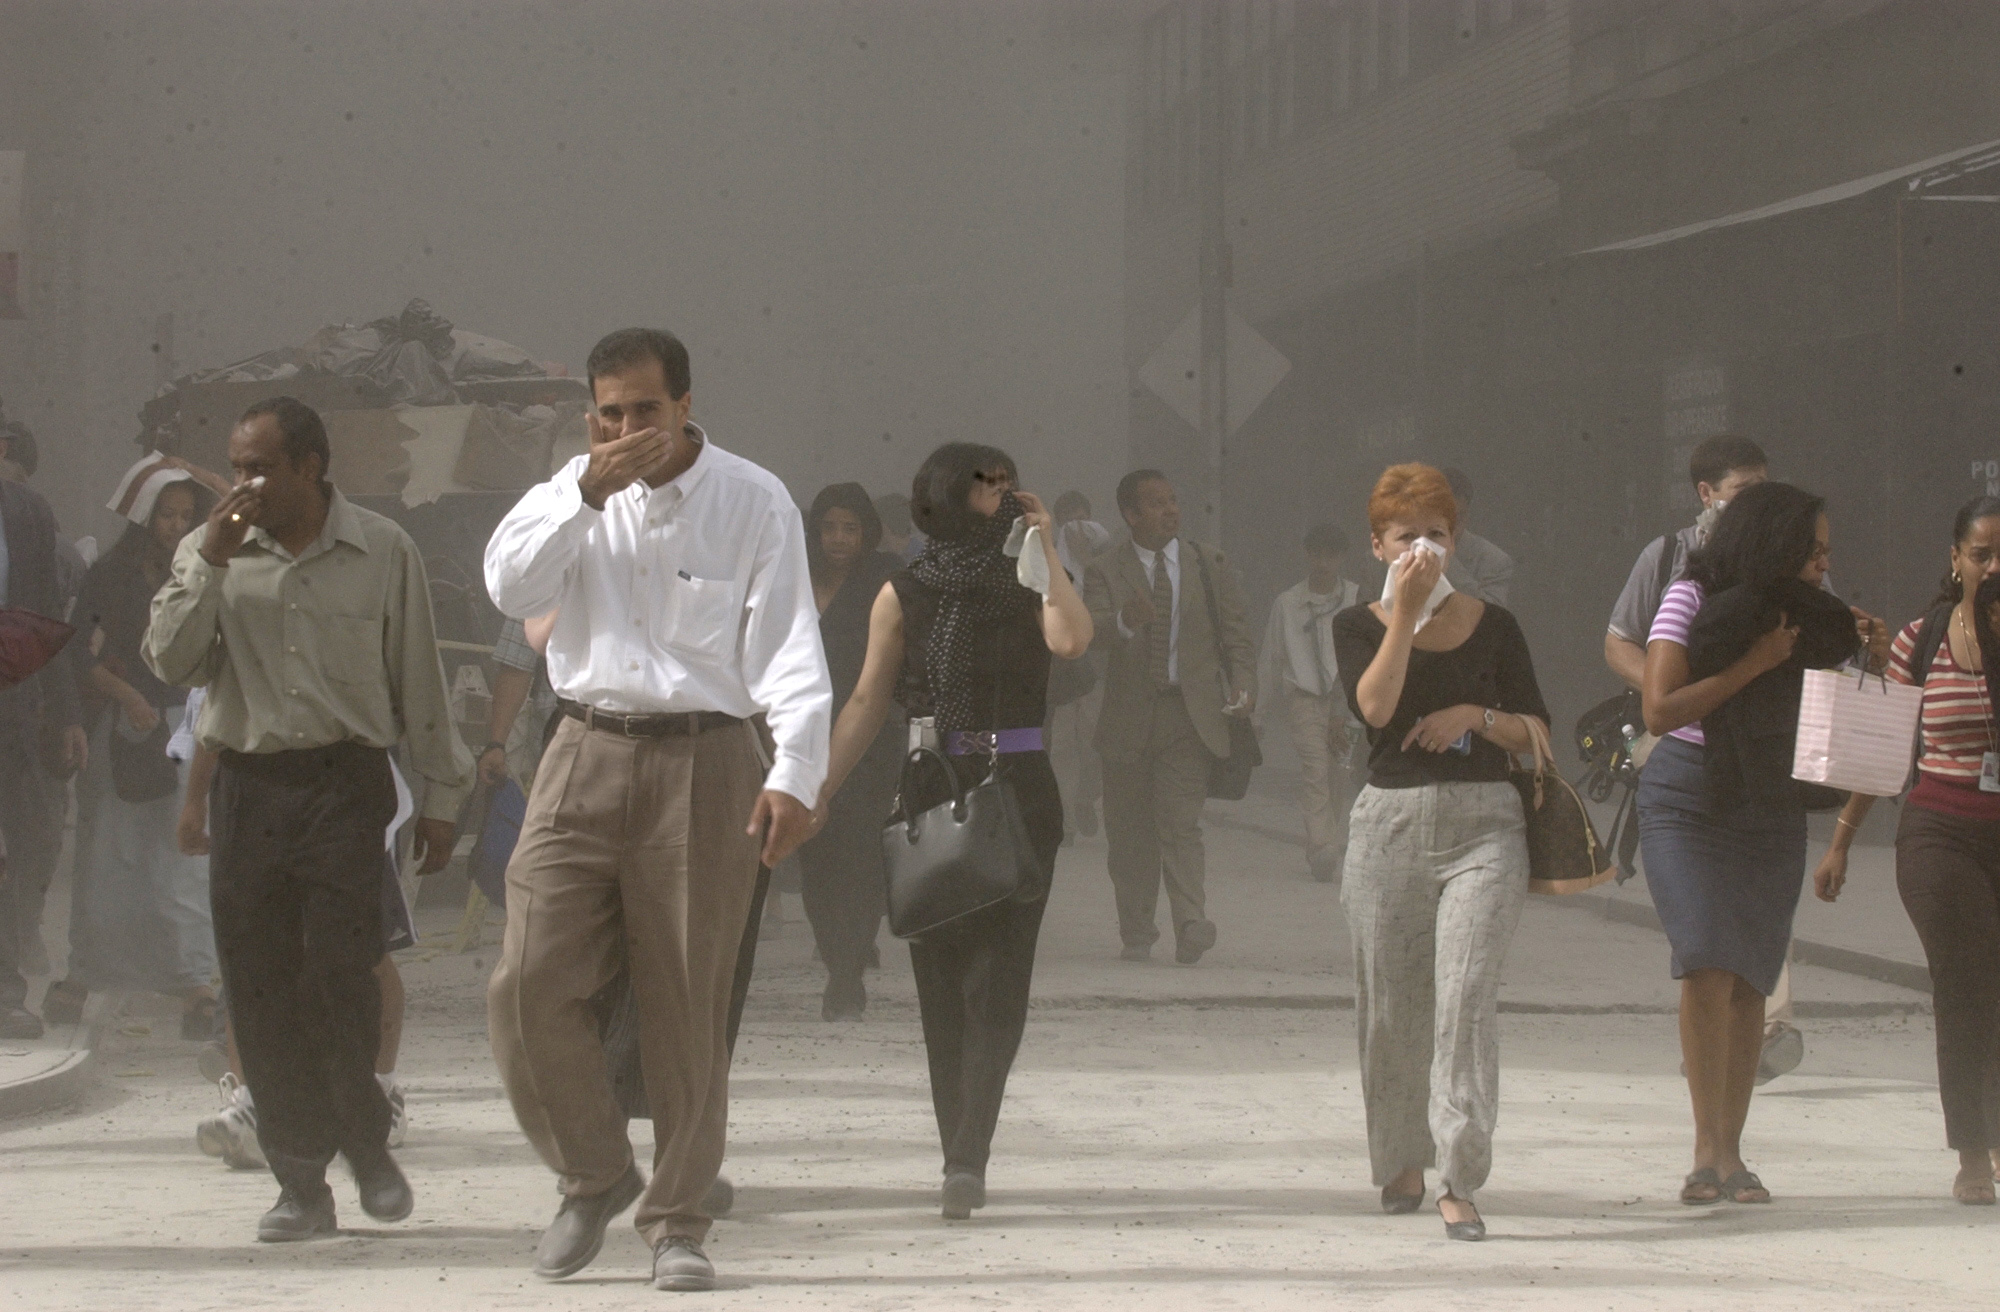 9/11 fumes